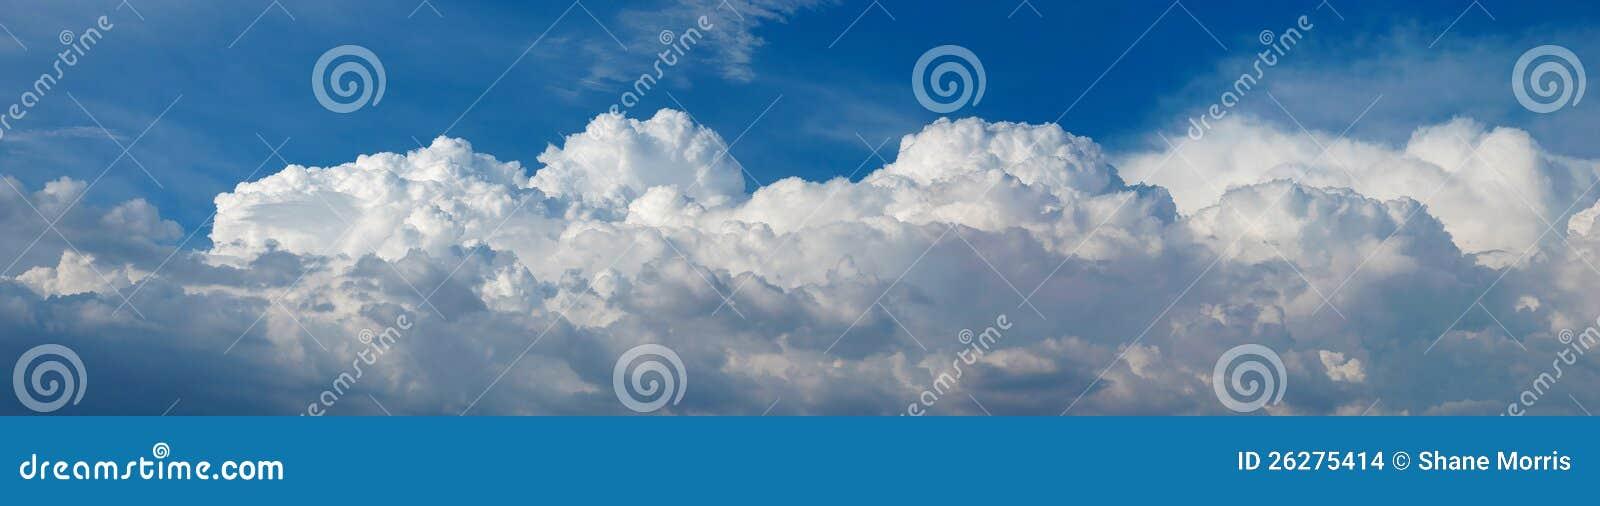 Panorama der Kumulus-Wolken